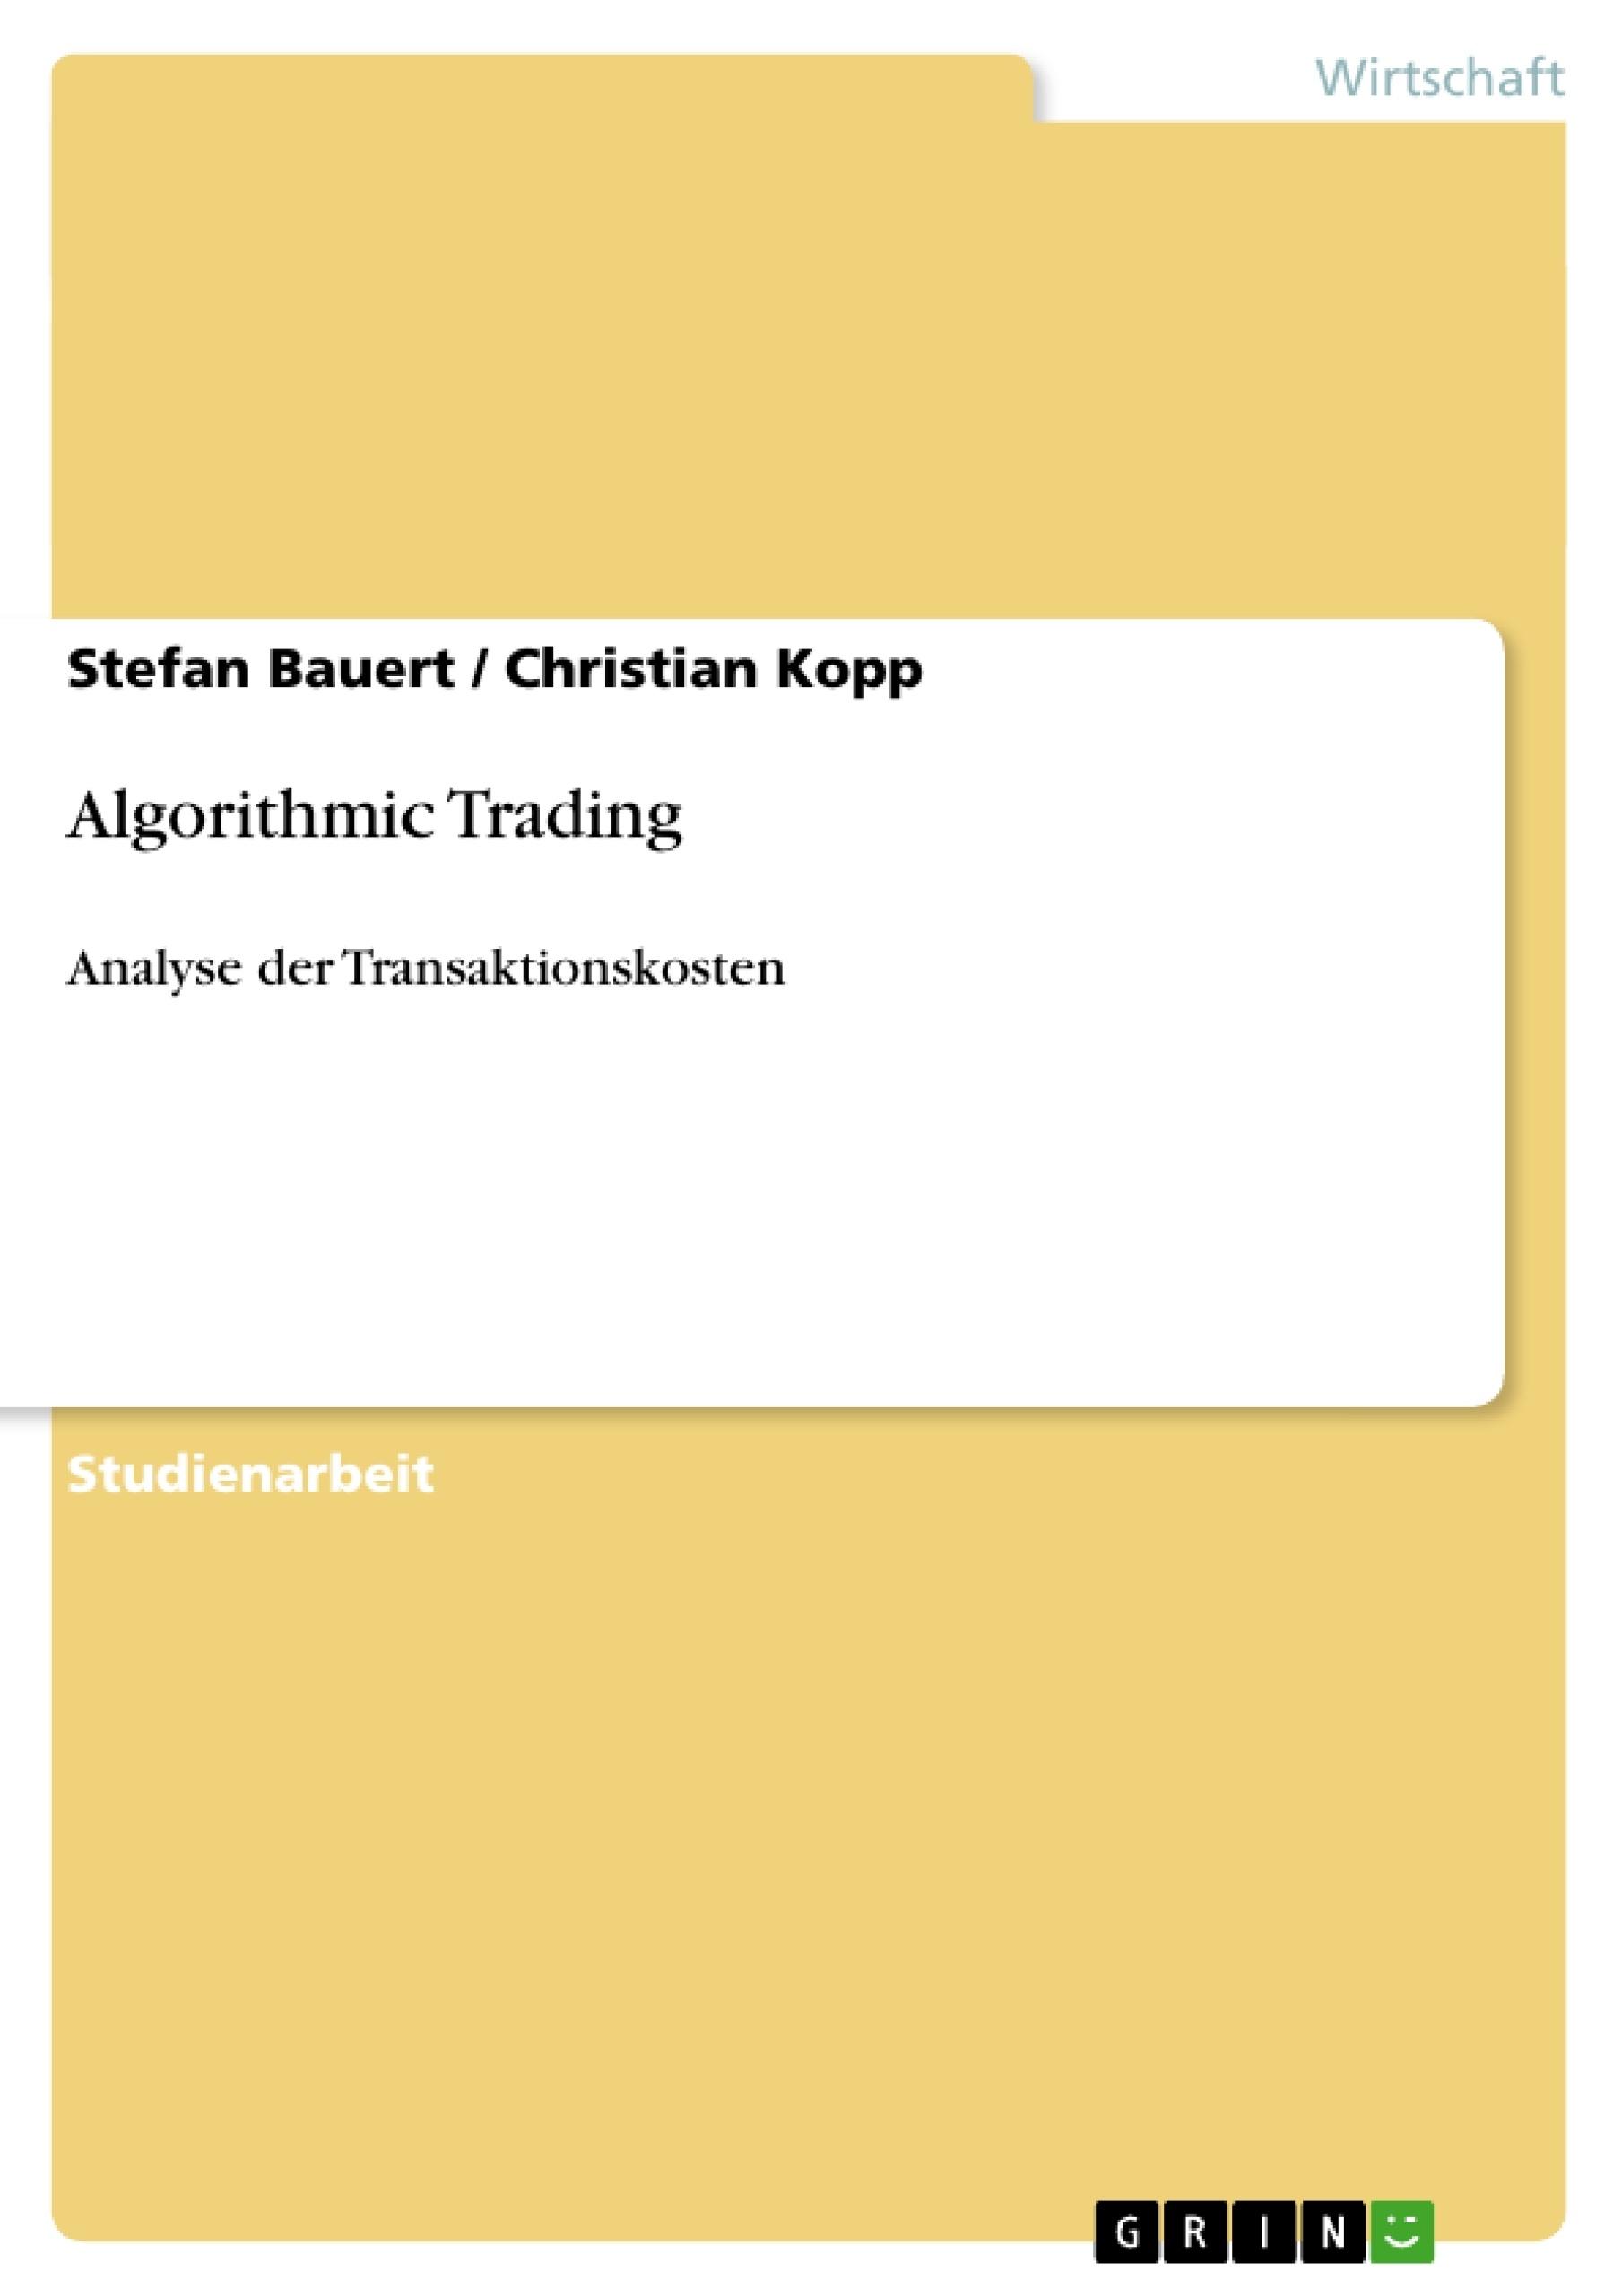 Titel: Algorithmic Trading